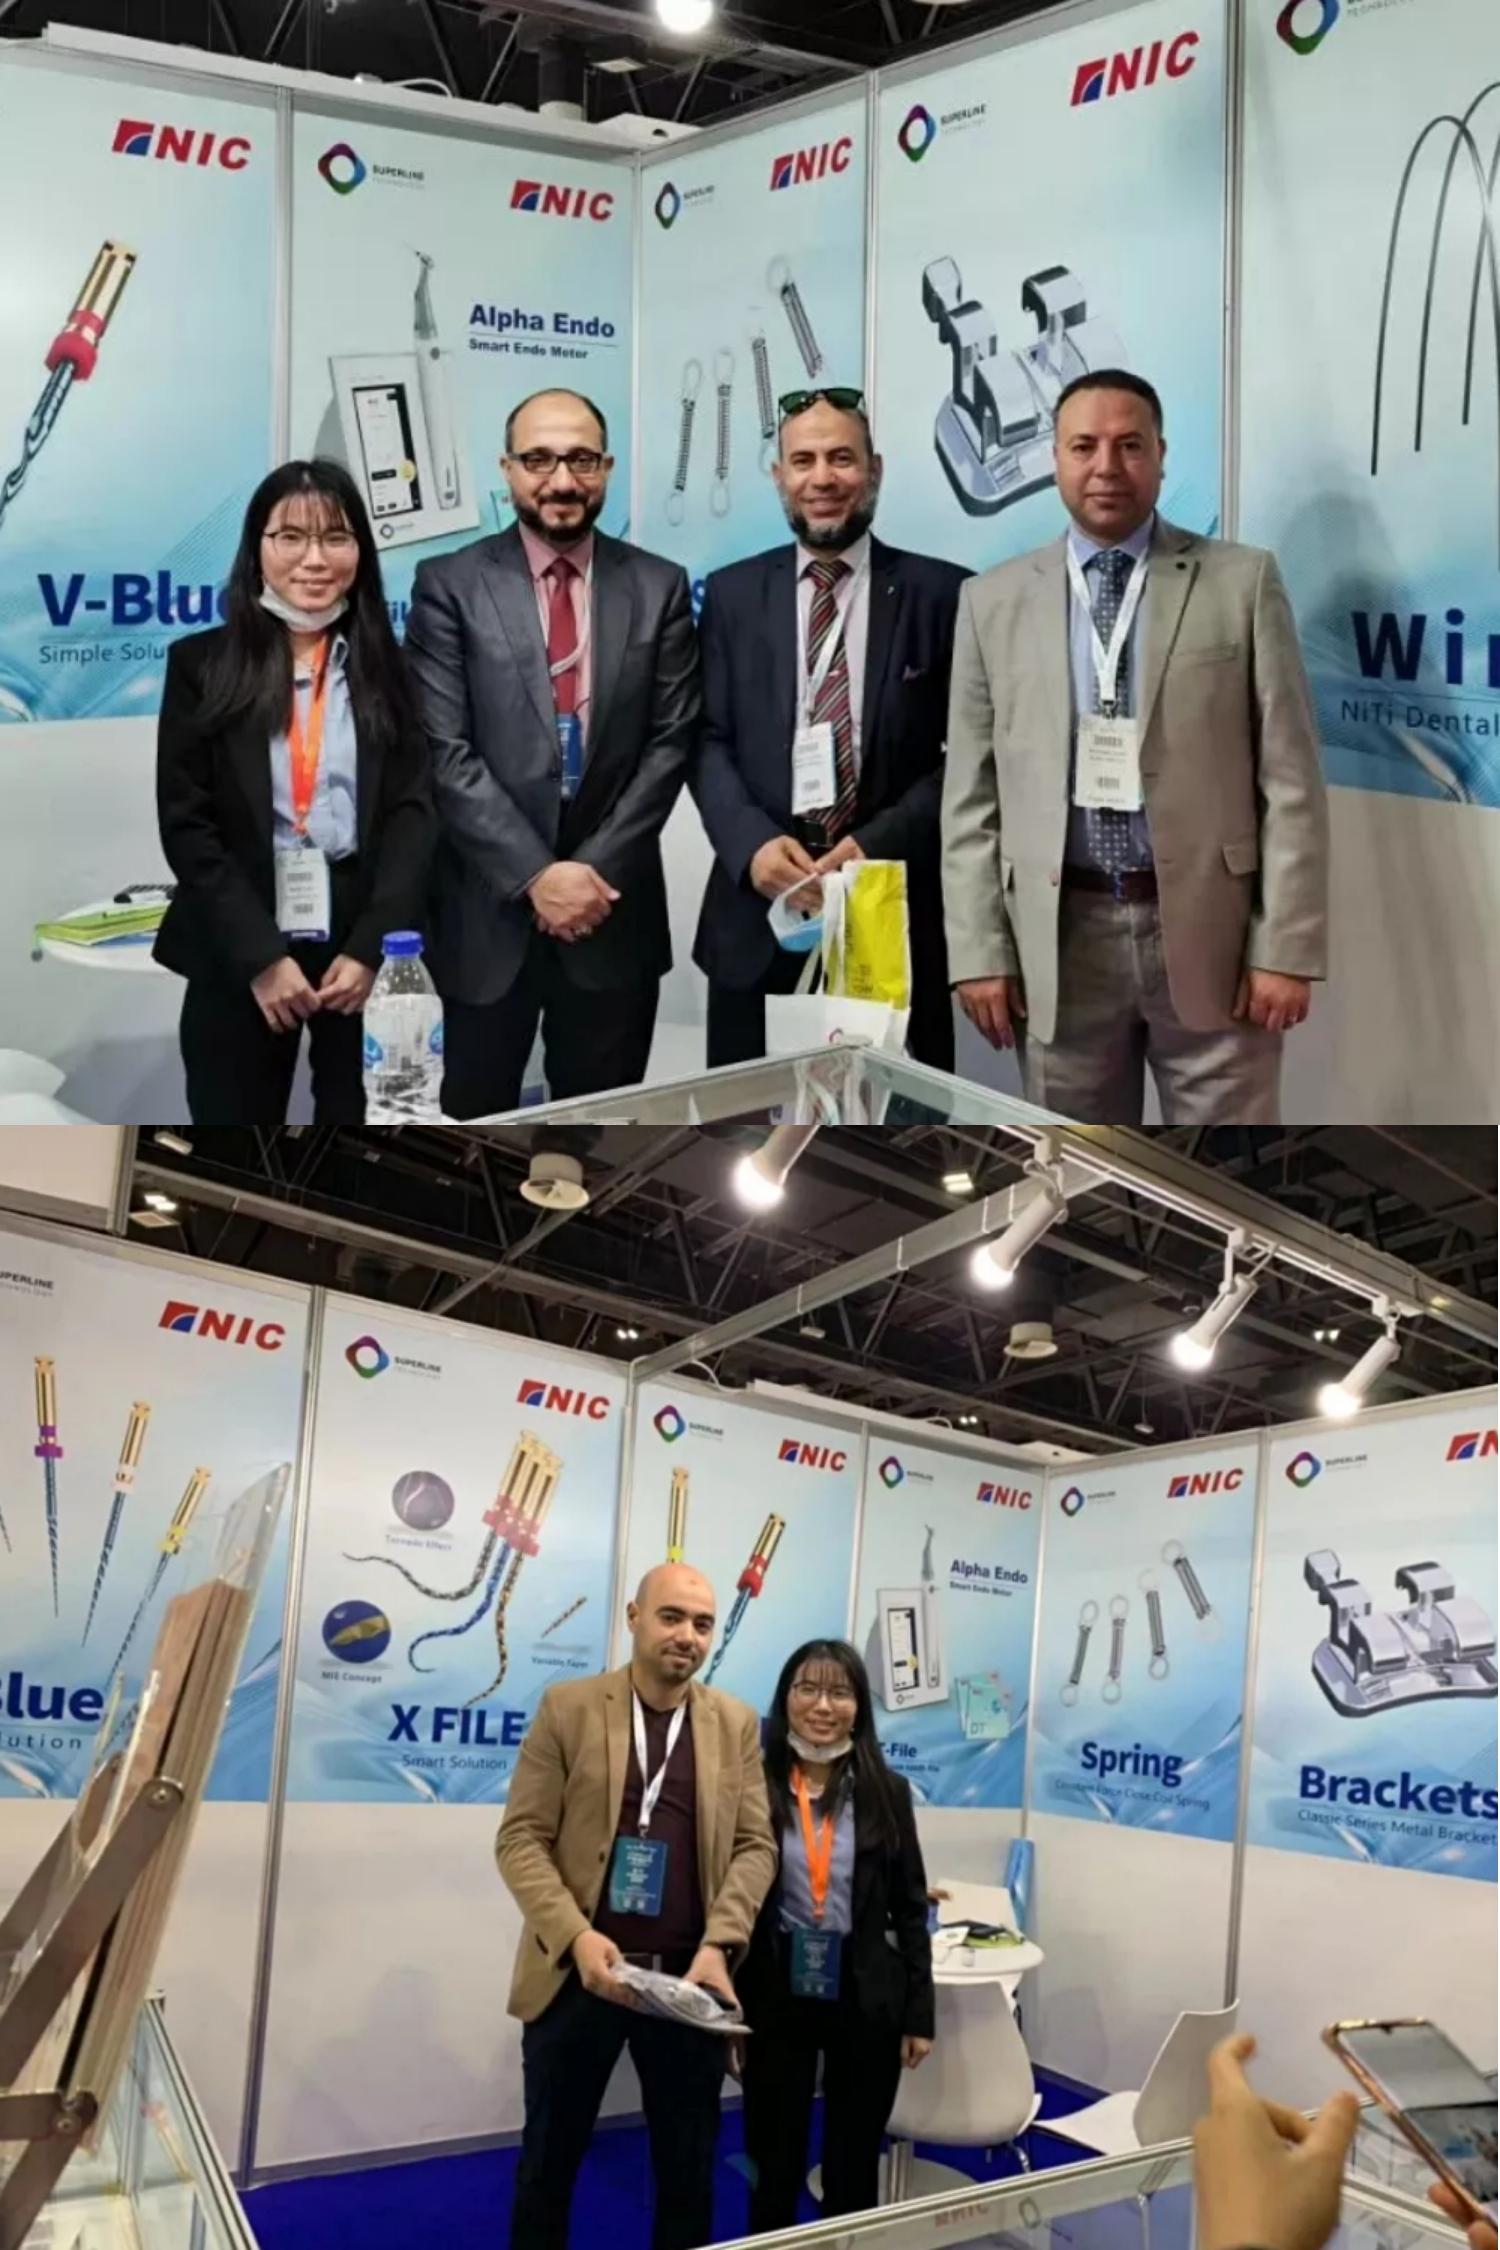 励志前行 速航三朵金花出征迪拜国际口腔医学展览会!